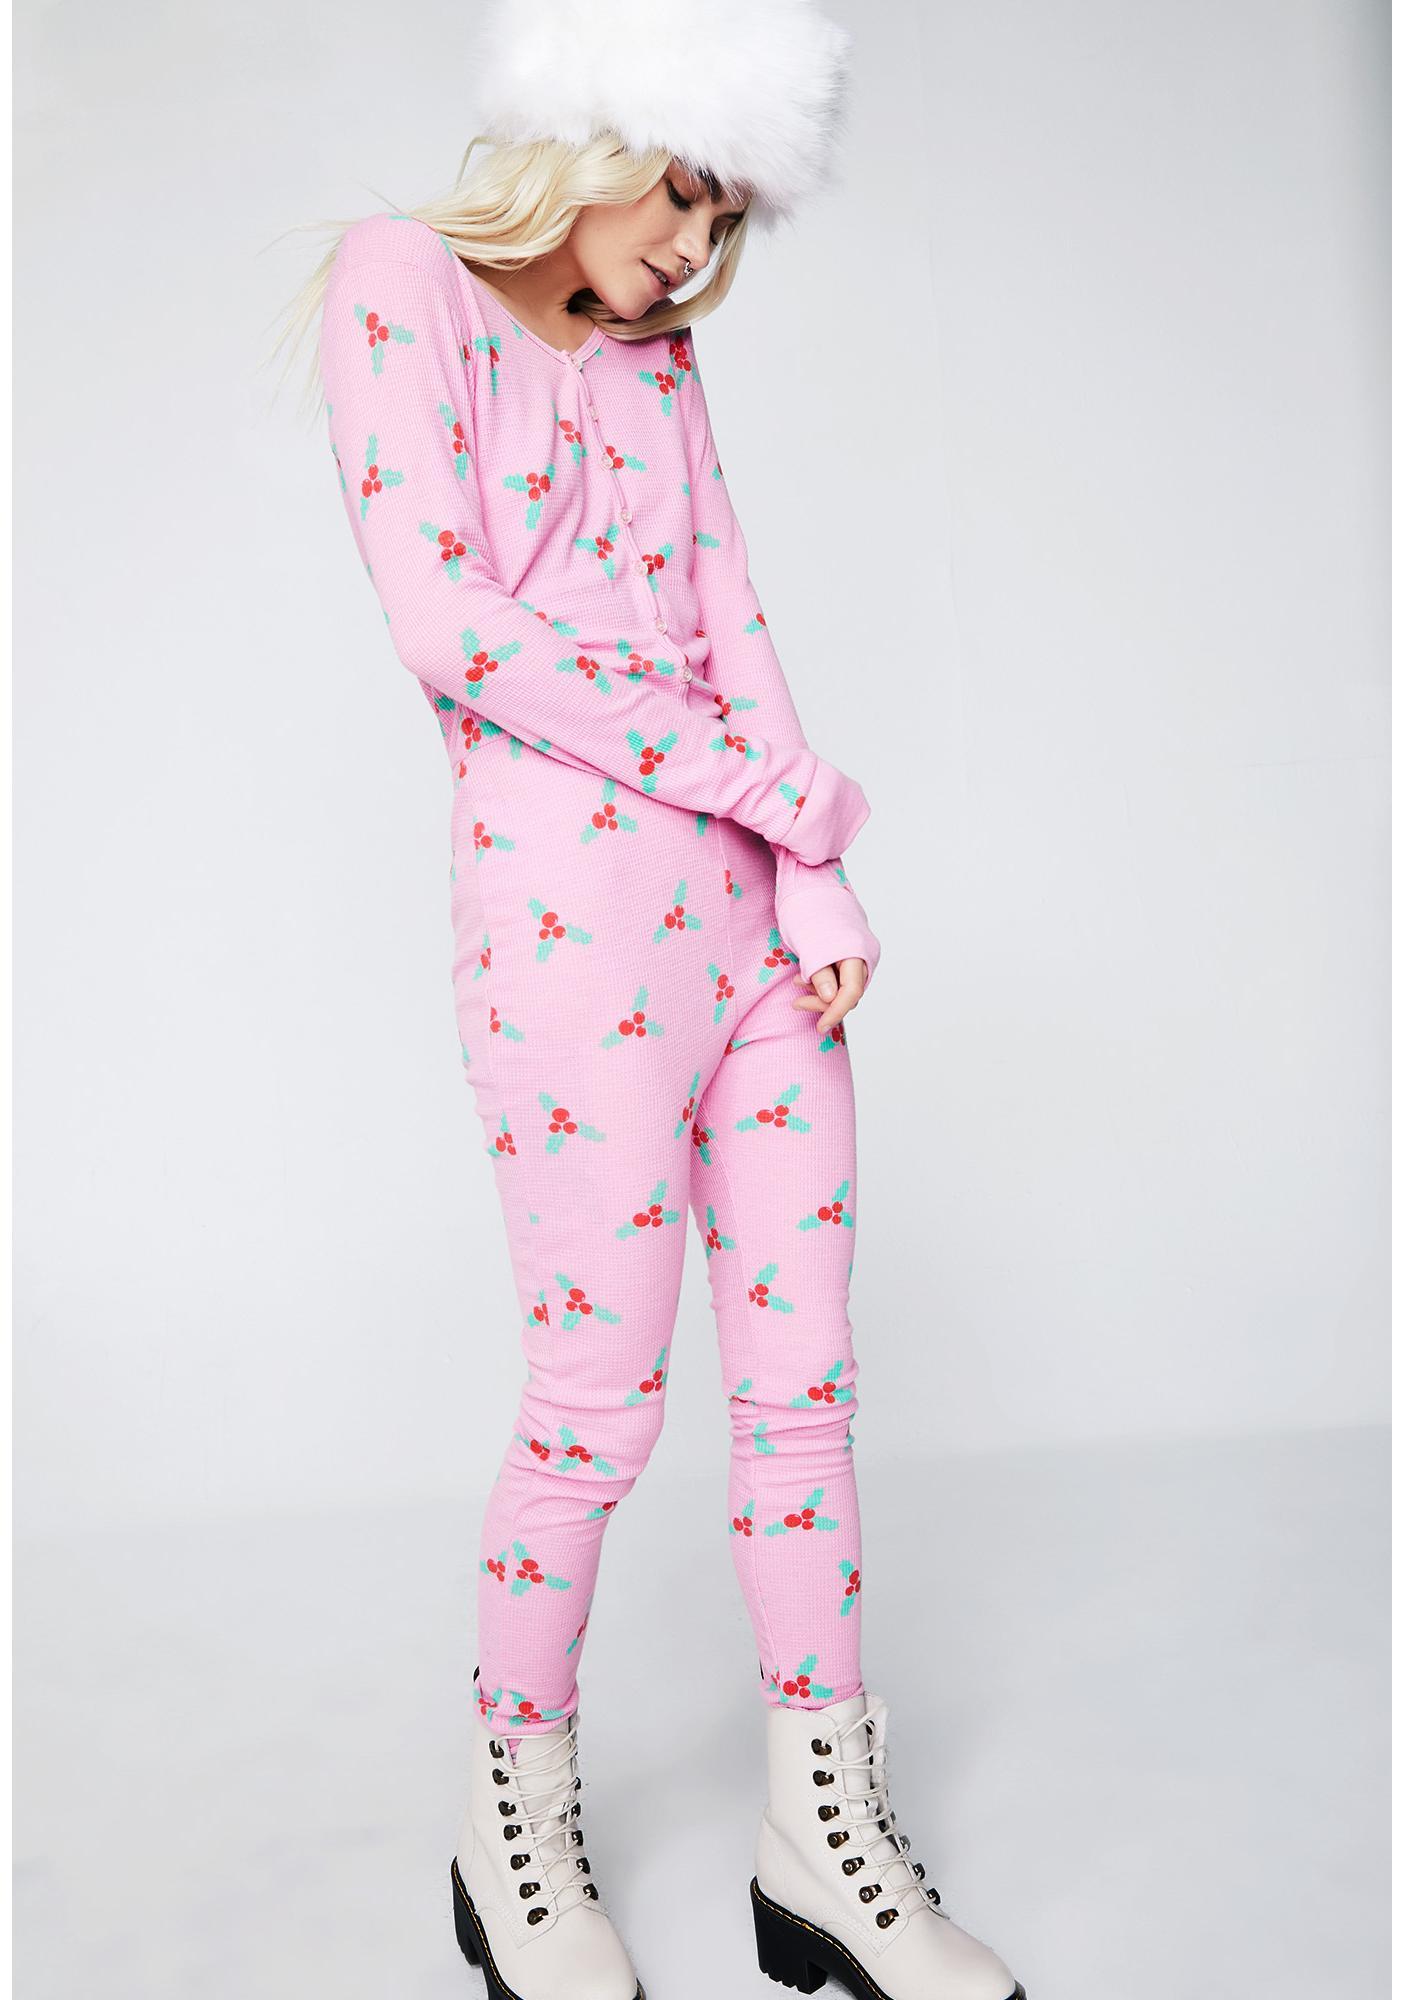 Wildfox Christmas Pajamas.Under The Mistletoe Sleeping Onesie